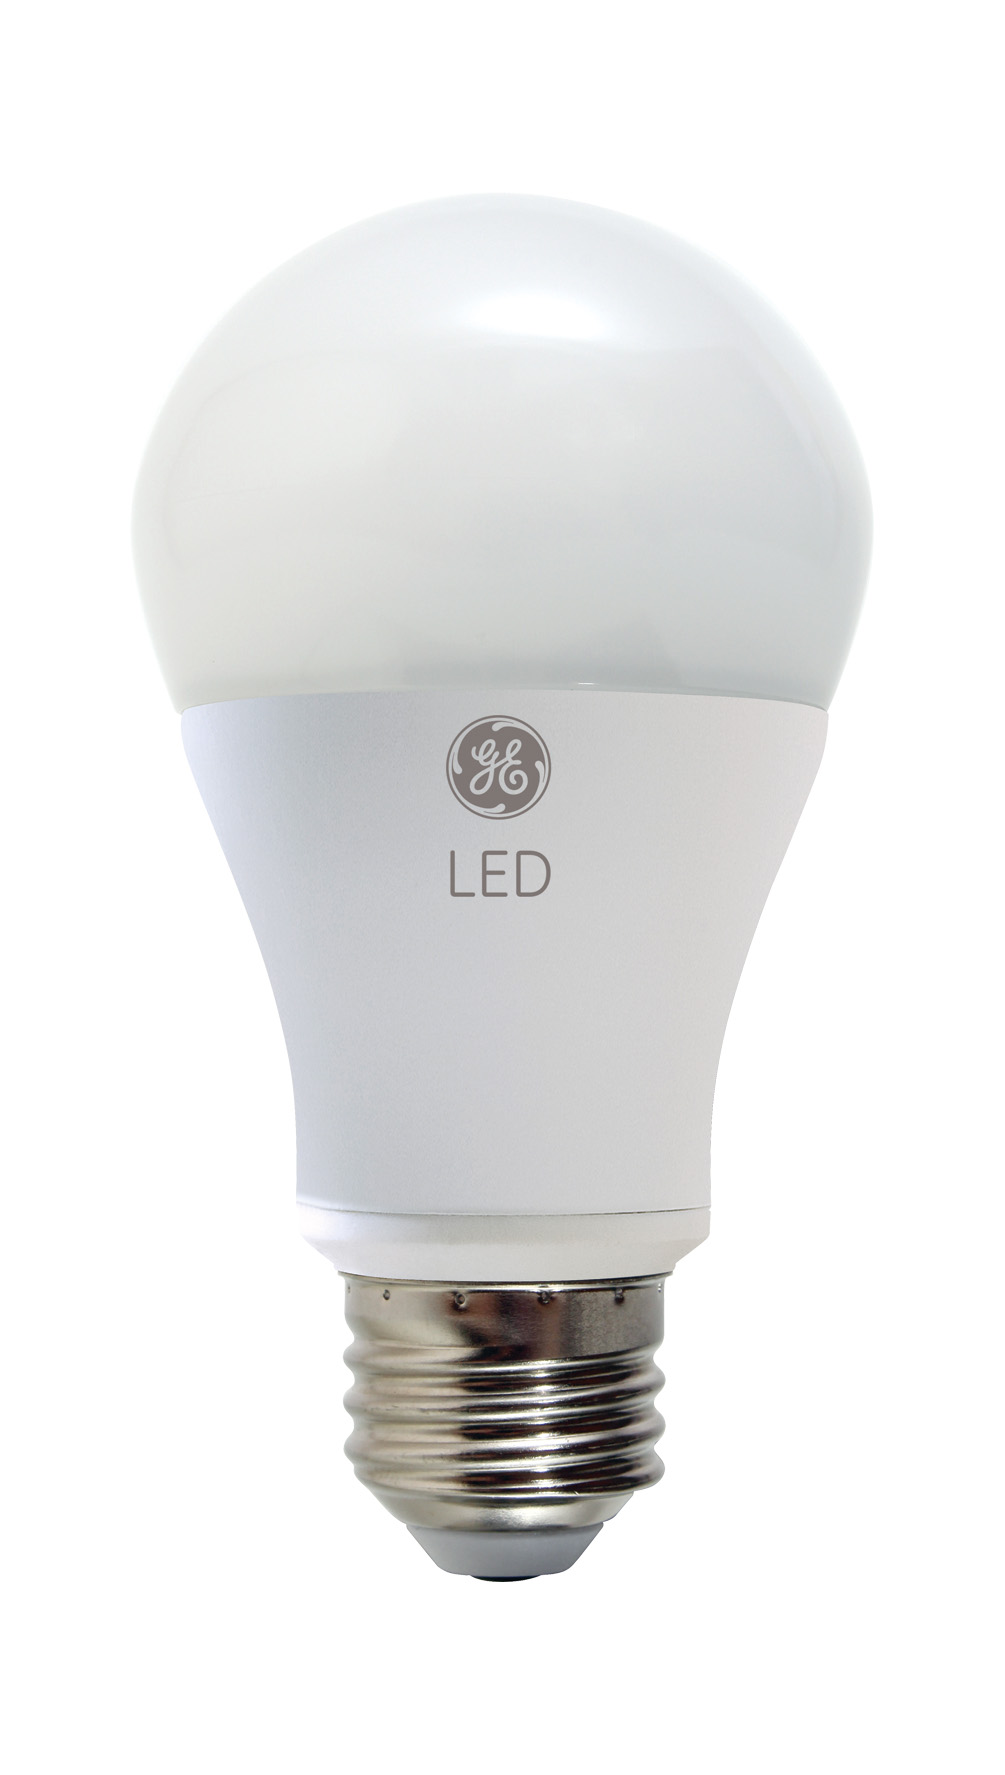 5 Consumer Trends Driving GE LED Lighting Design, Consumer